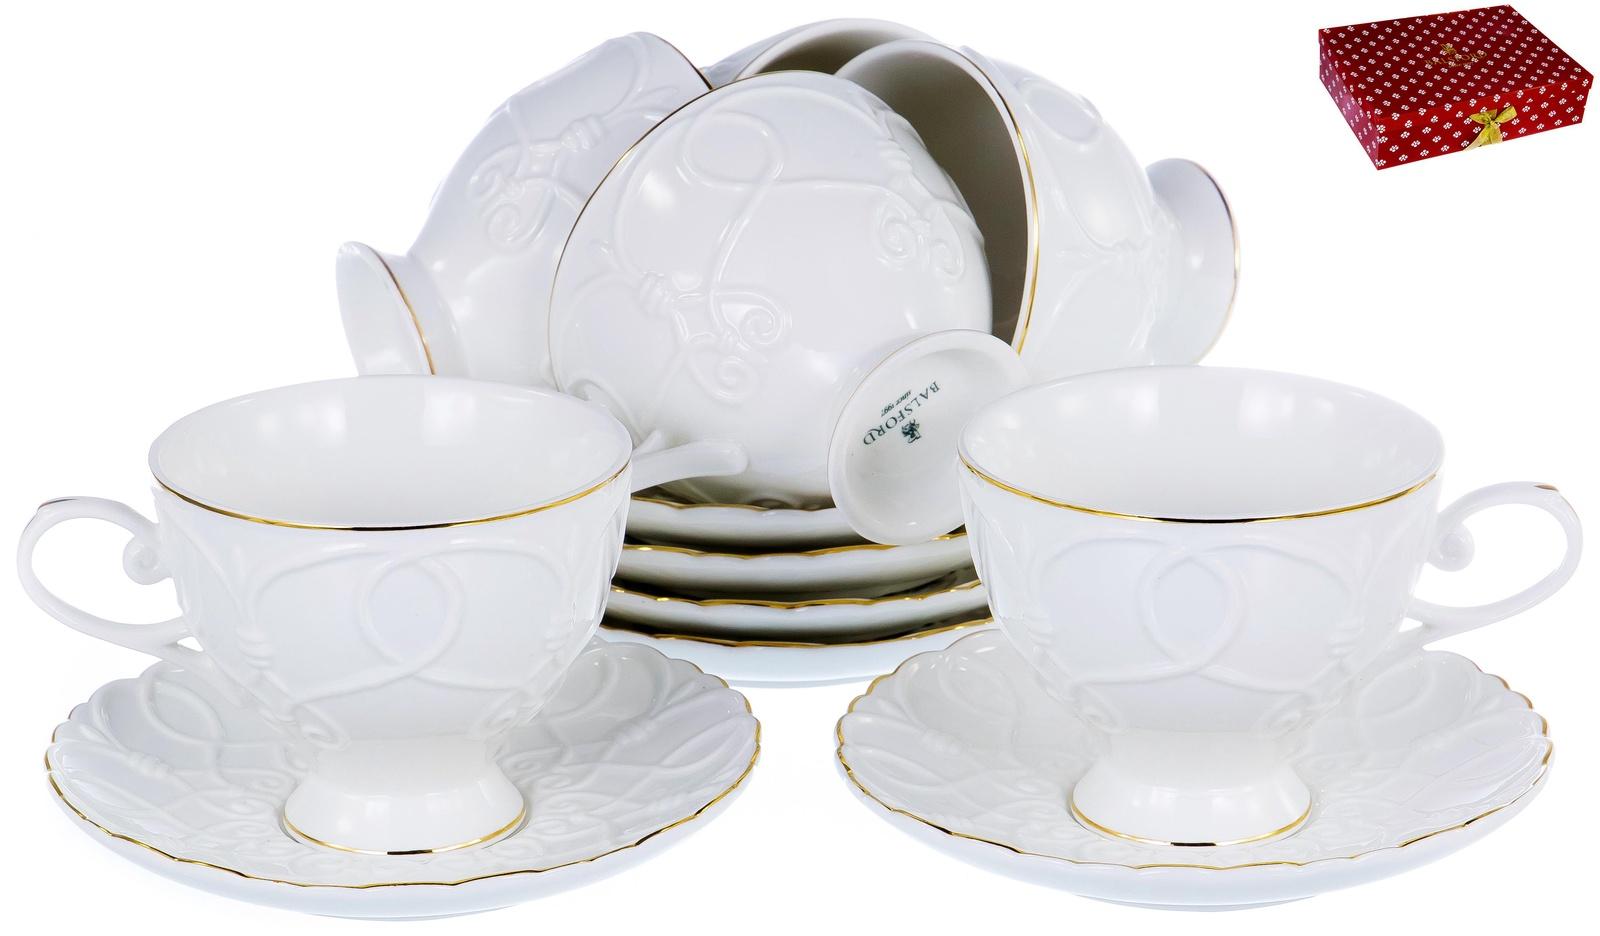 ГРАЦИЯ, набор чайный, 6 чашек 220мл, 6 блюдец, NEW BONE CHINA, белый рельефный рисунок с золотом, прямоугольная подарочная упаковка с окном и бантом, ТМ Balsford, артикул 101-30029